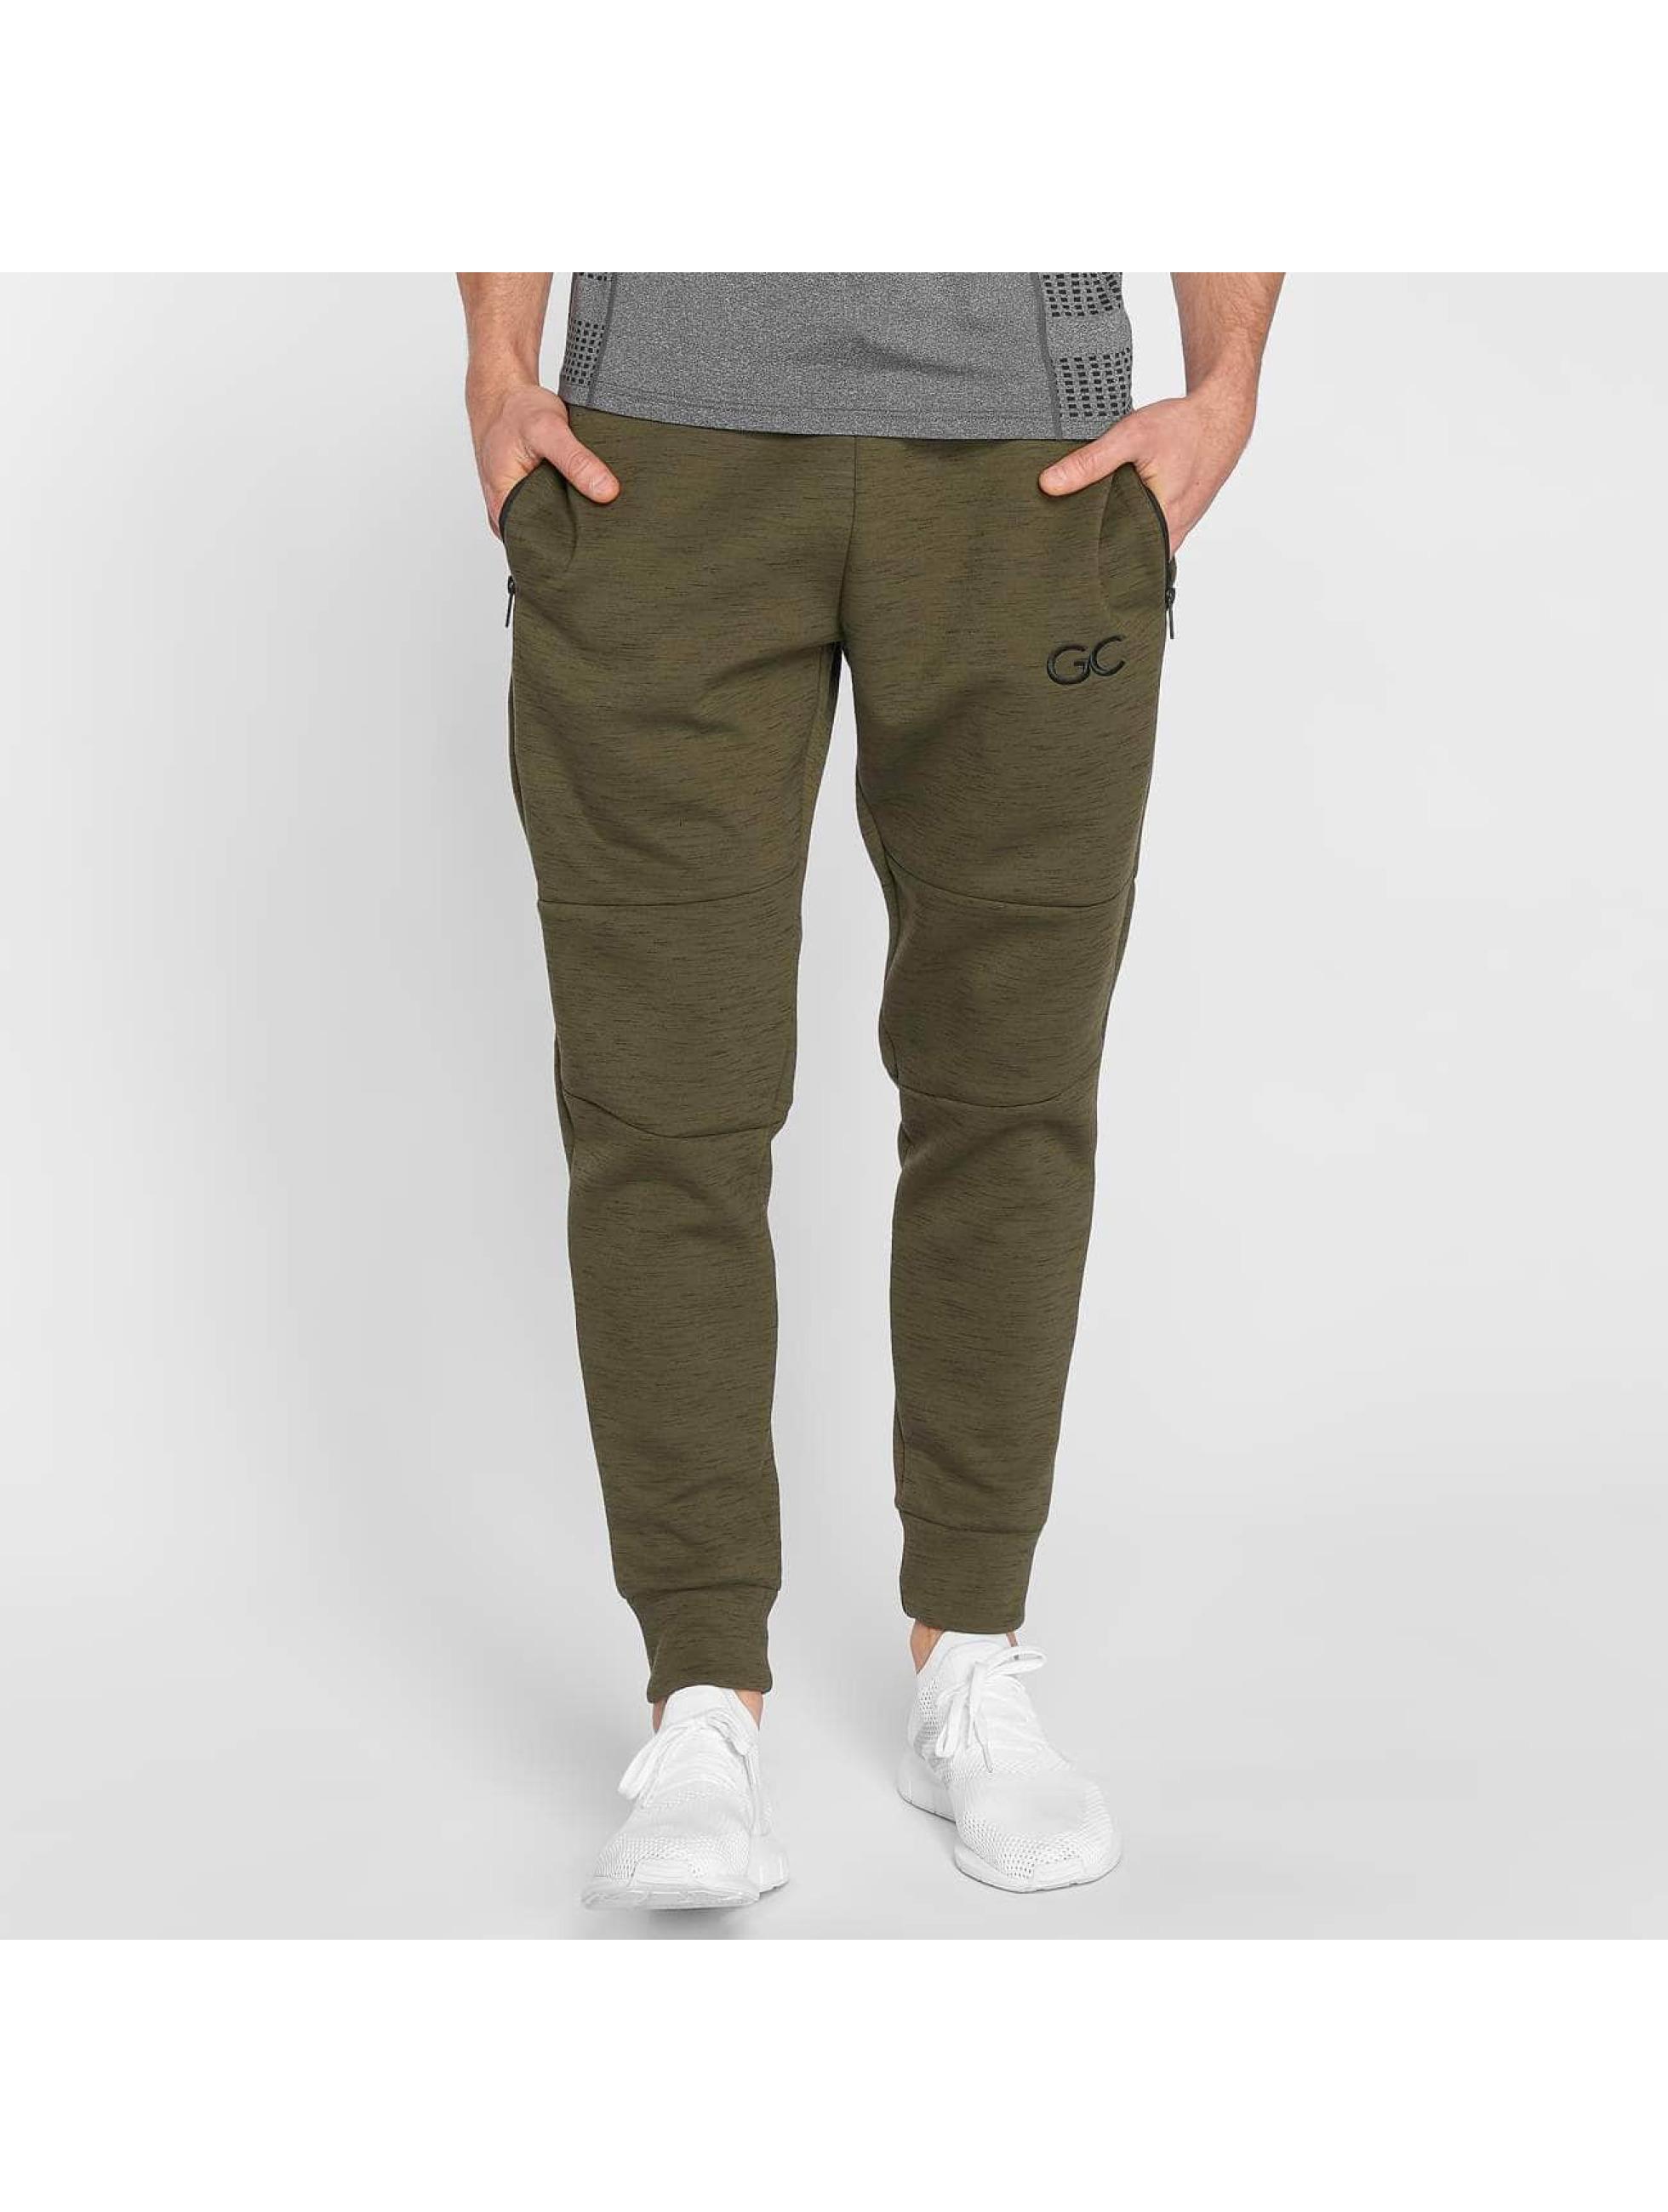 GymCodes Spodnie do joggingu Athletic-Fit oliwkowy